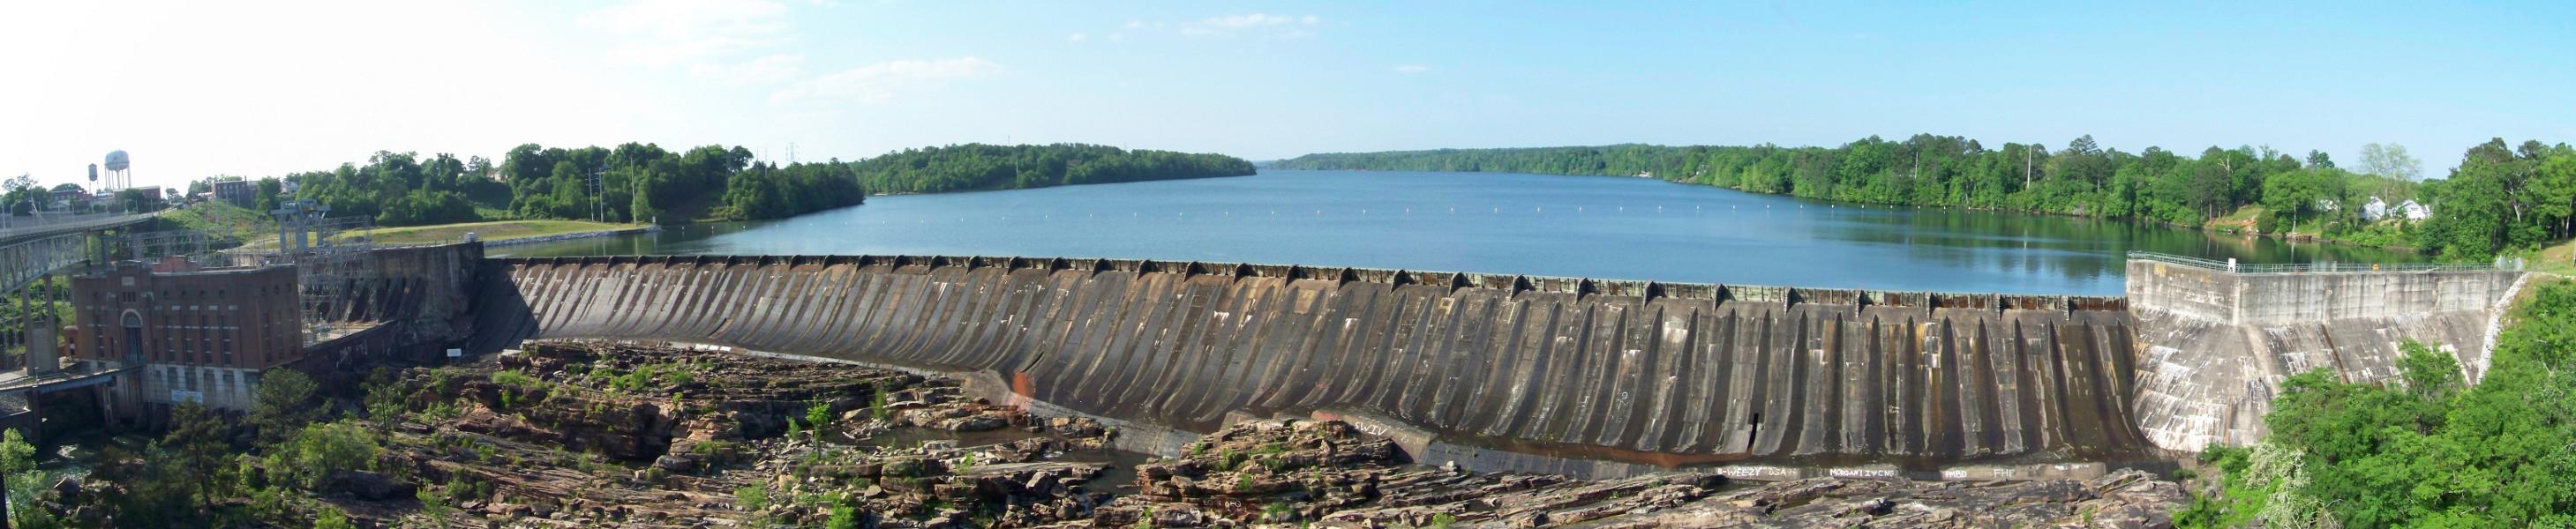 Thurlow Dam panorama